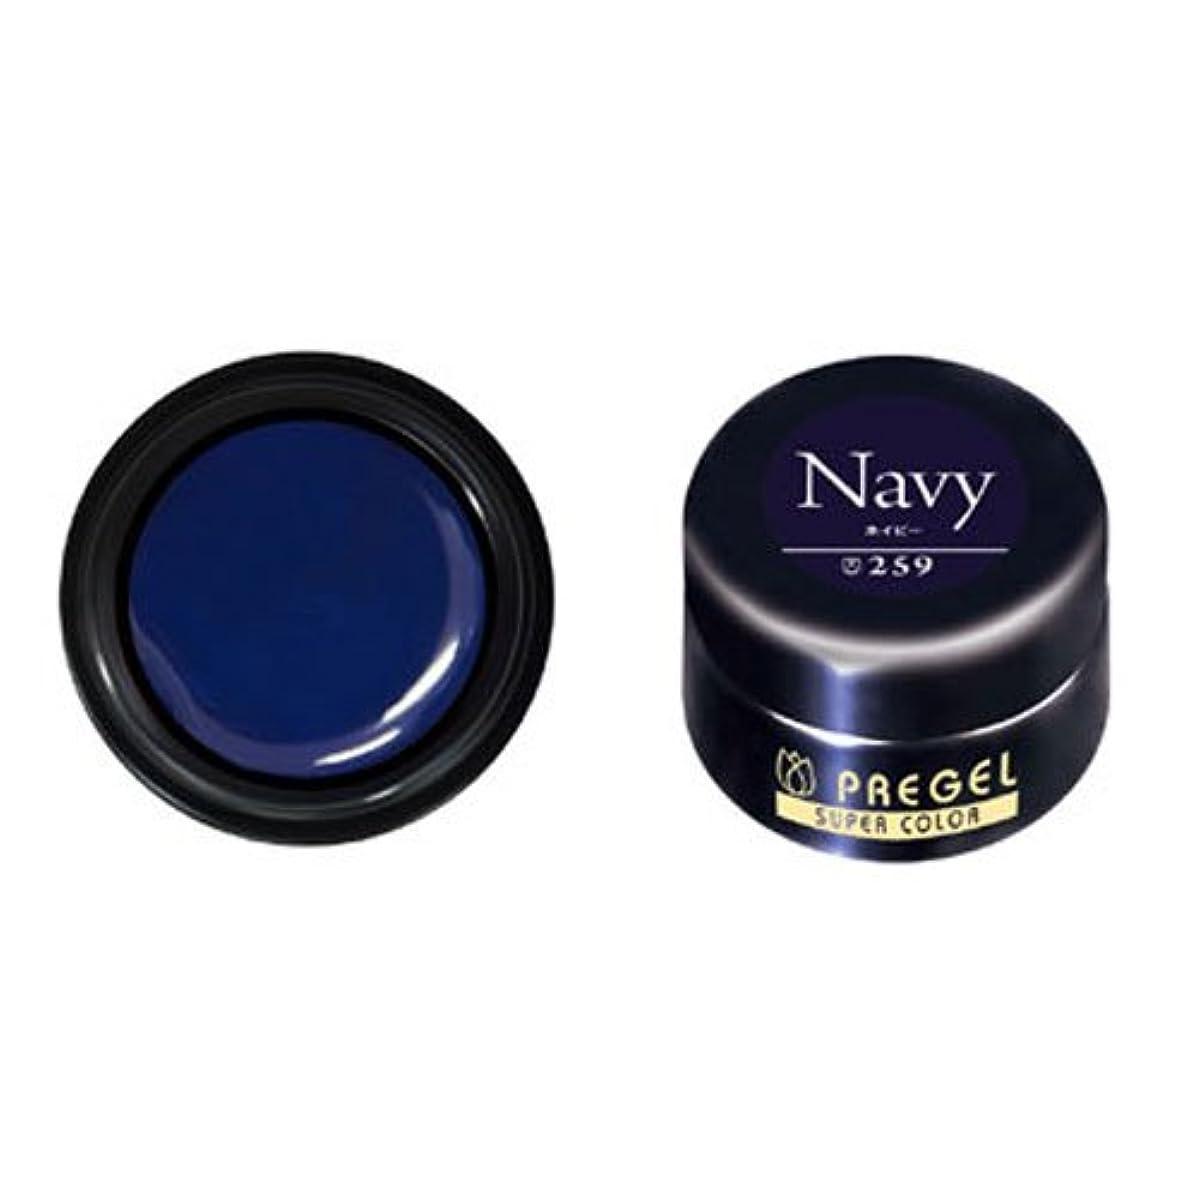 規則性何よりも曲がったプリジェル スーパーカラーEX ネイビー 4g PG-SE259 カラージェル UV/LED対応